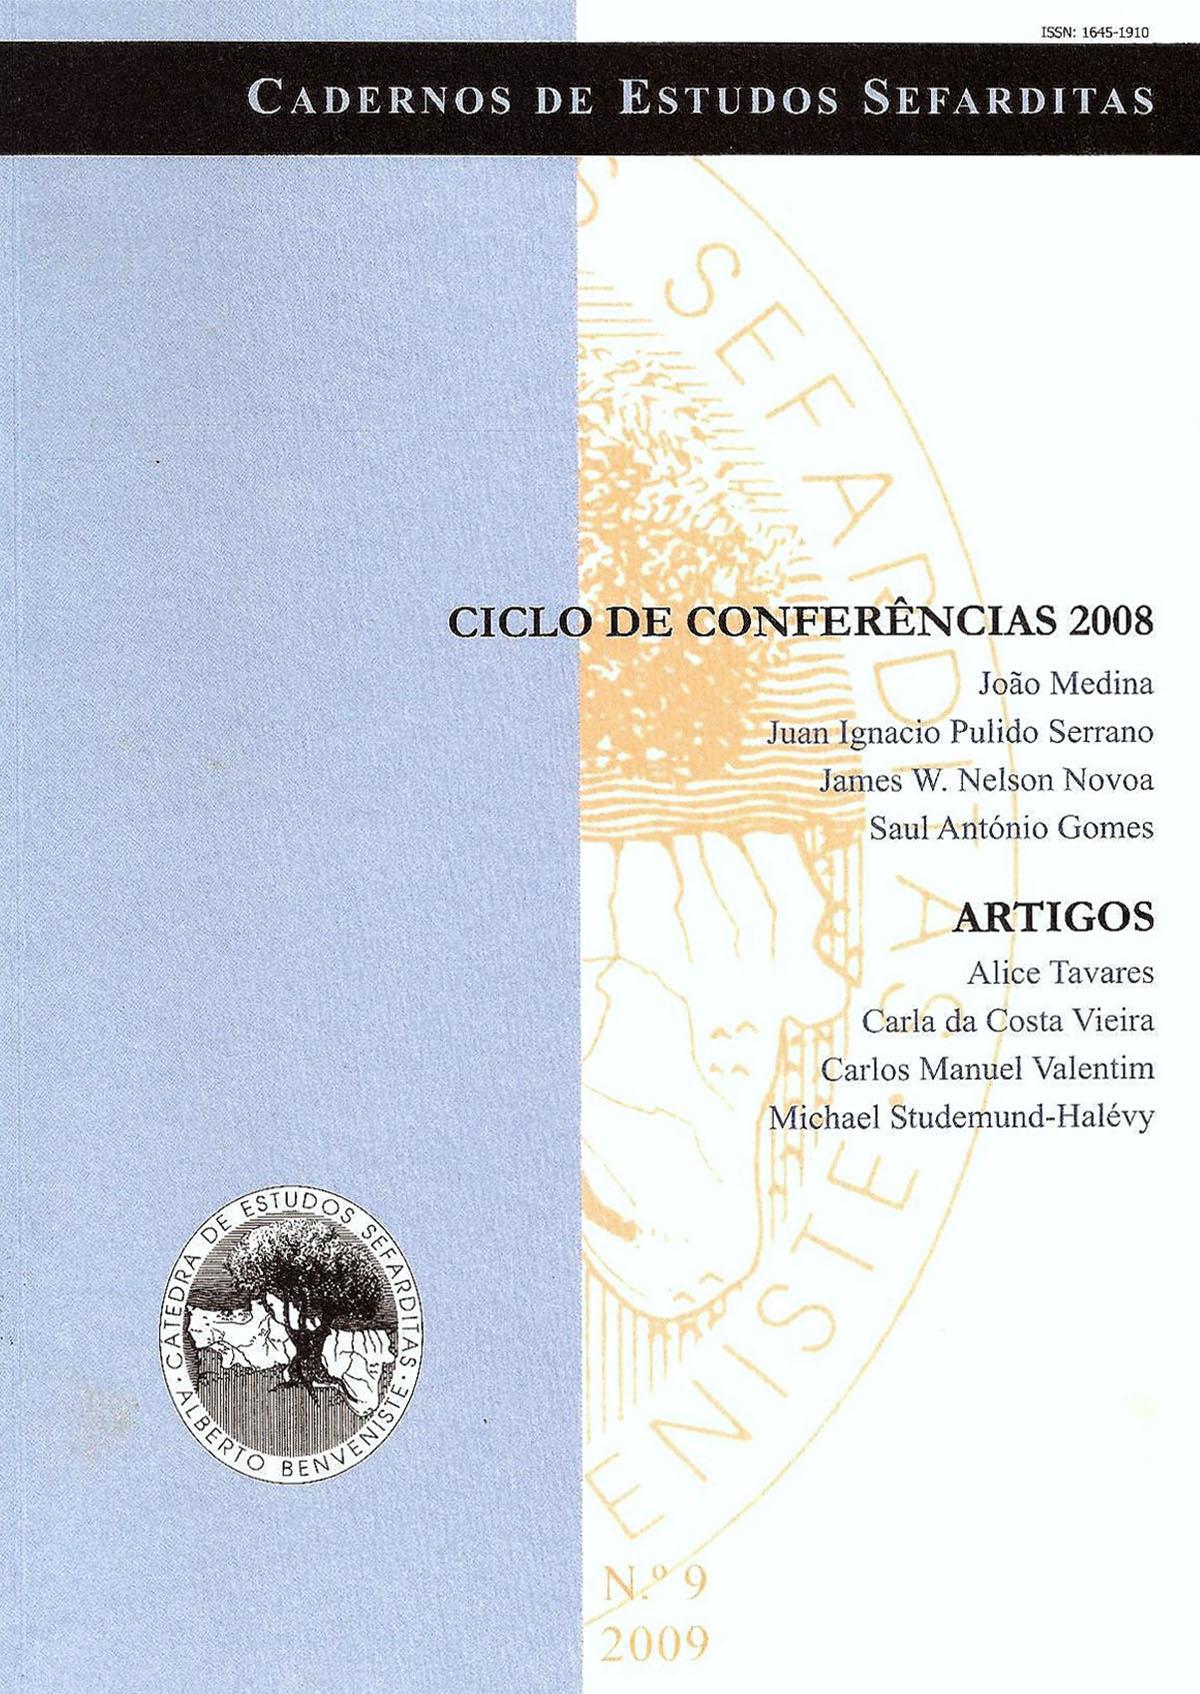 Nº9 / 2009